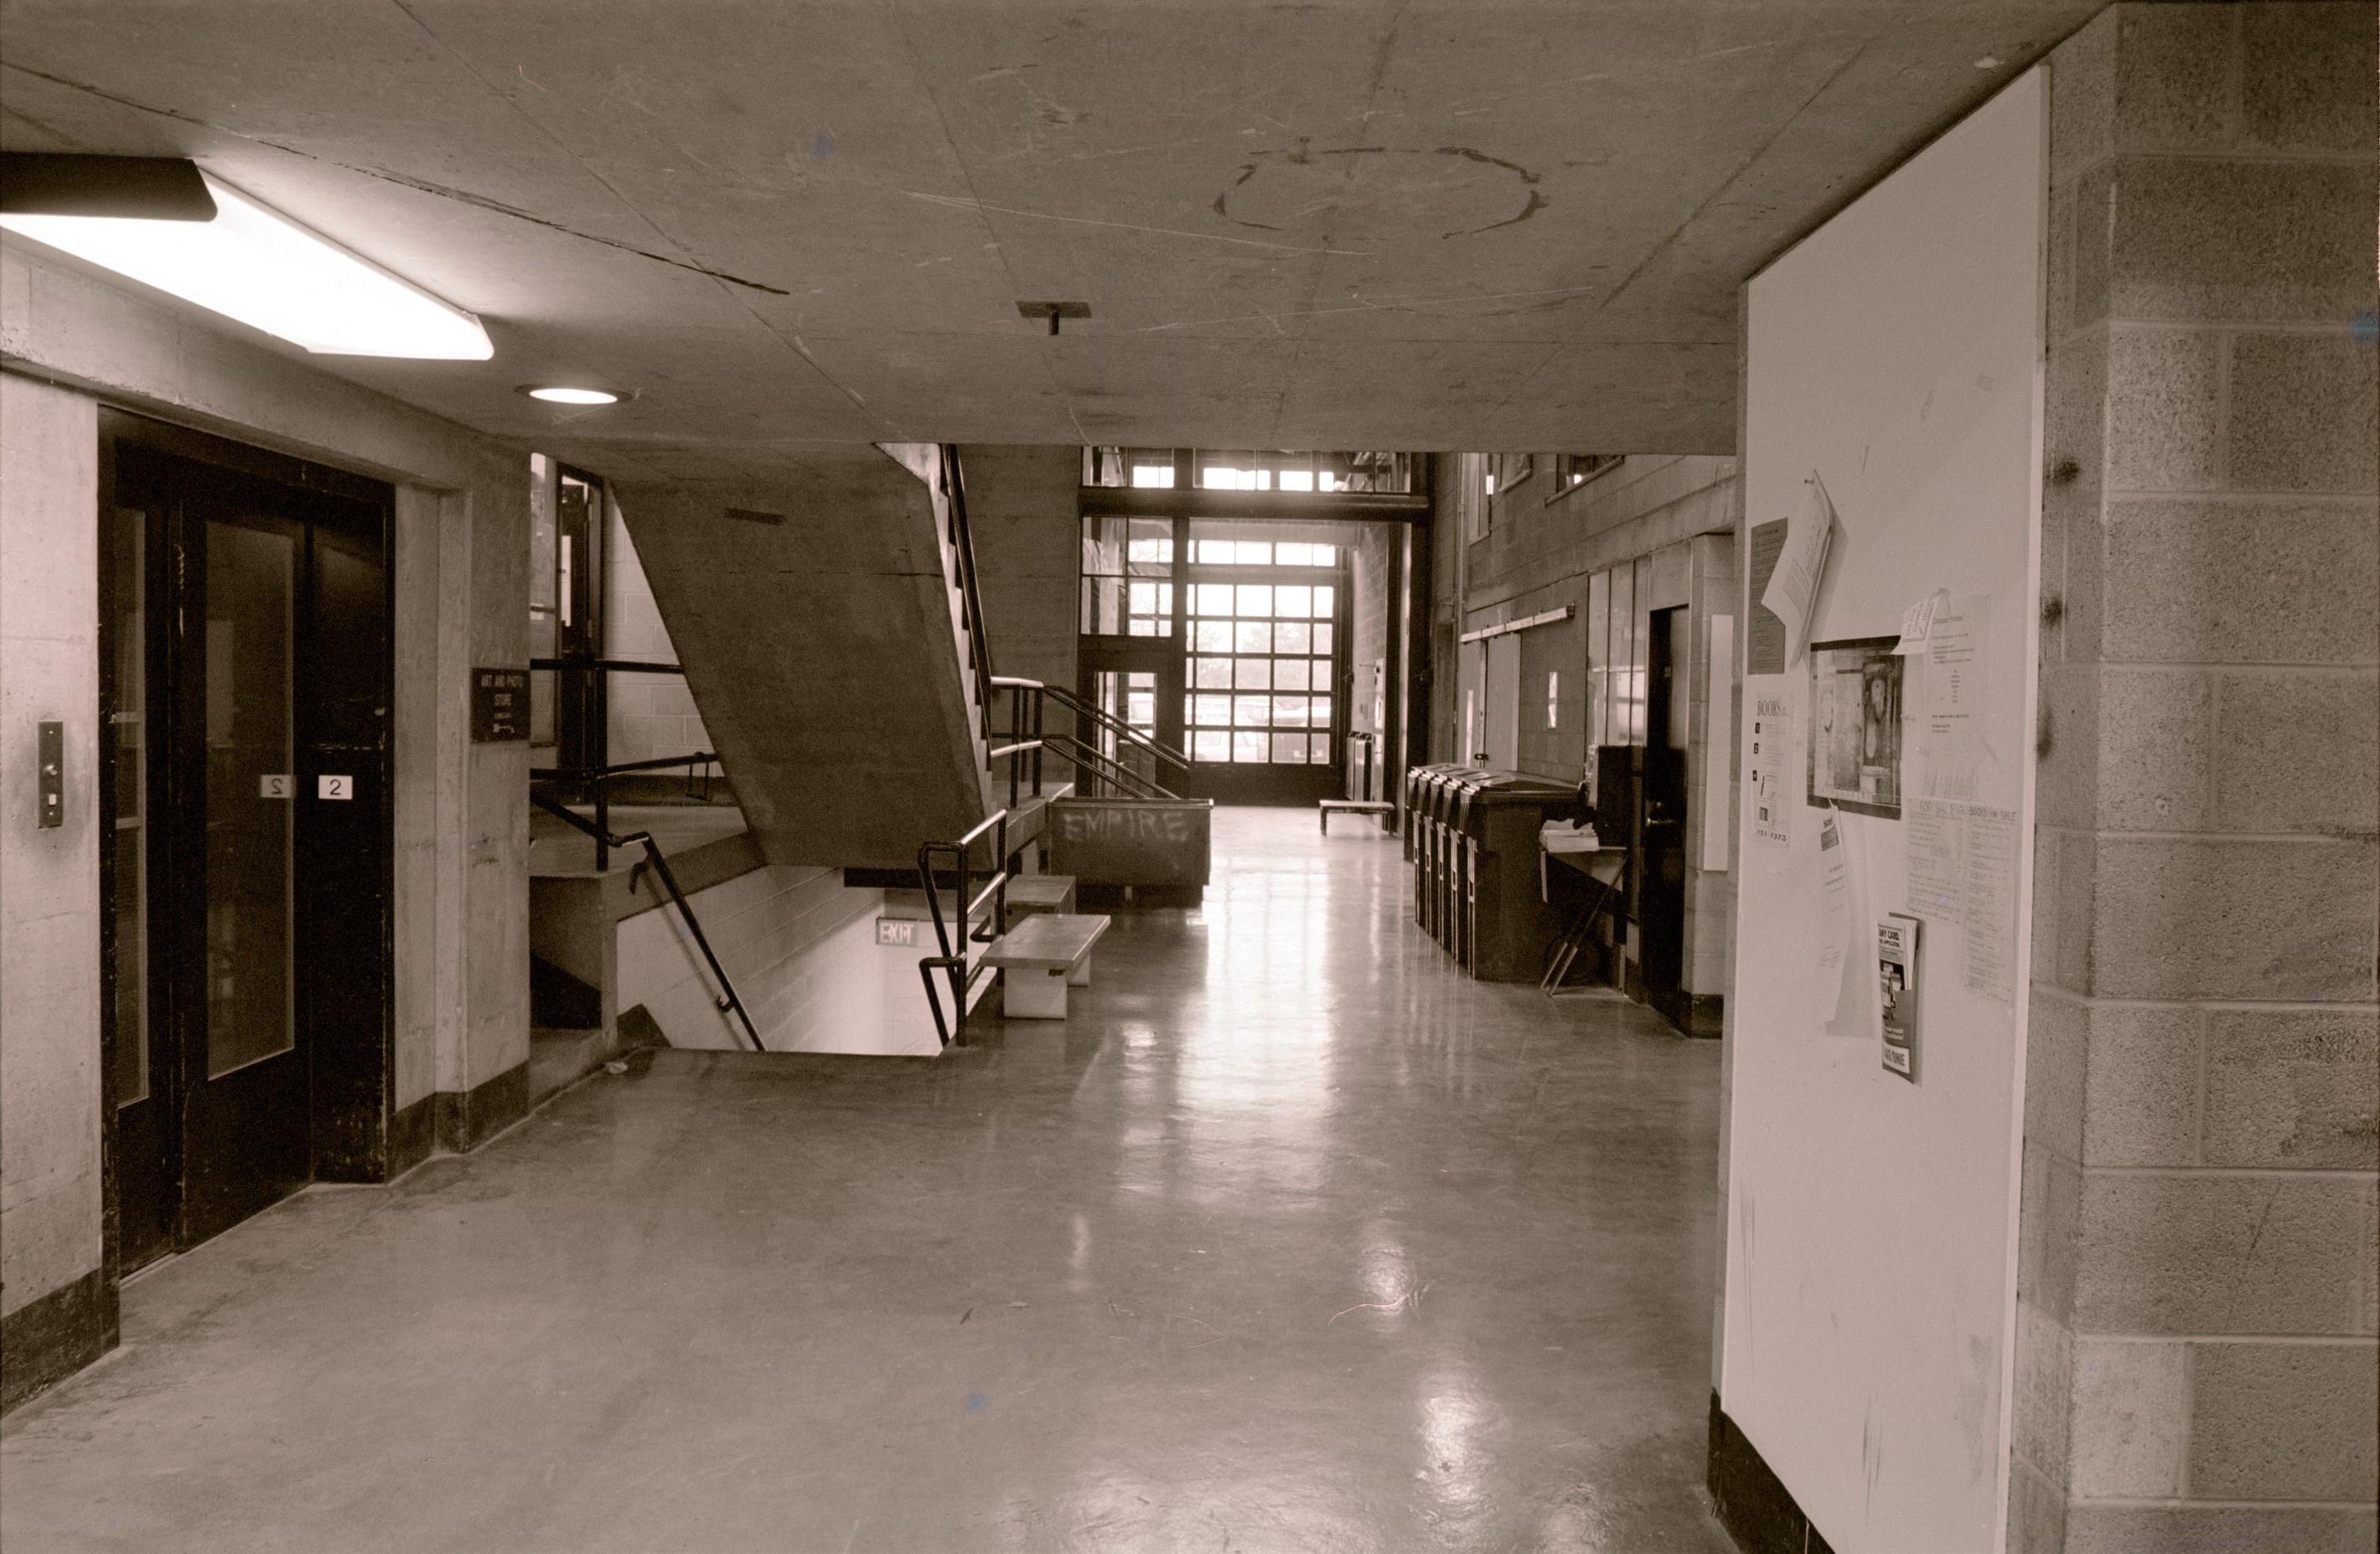 School interiors mid-90s-0006